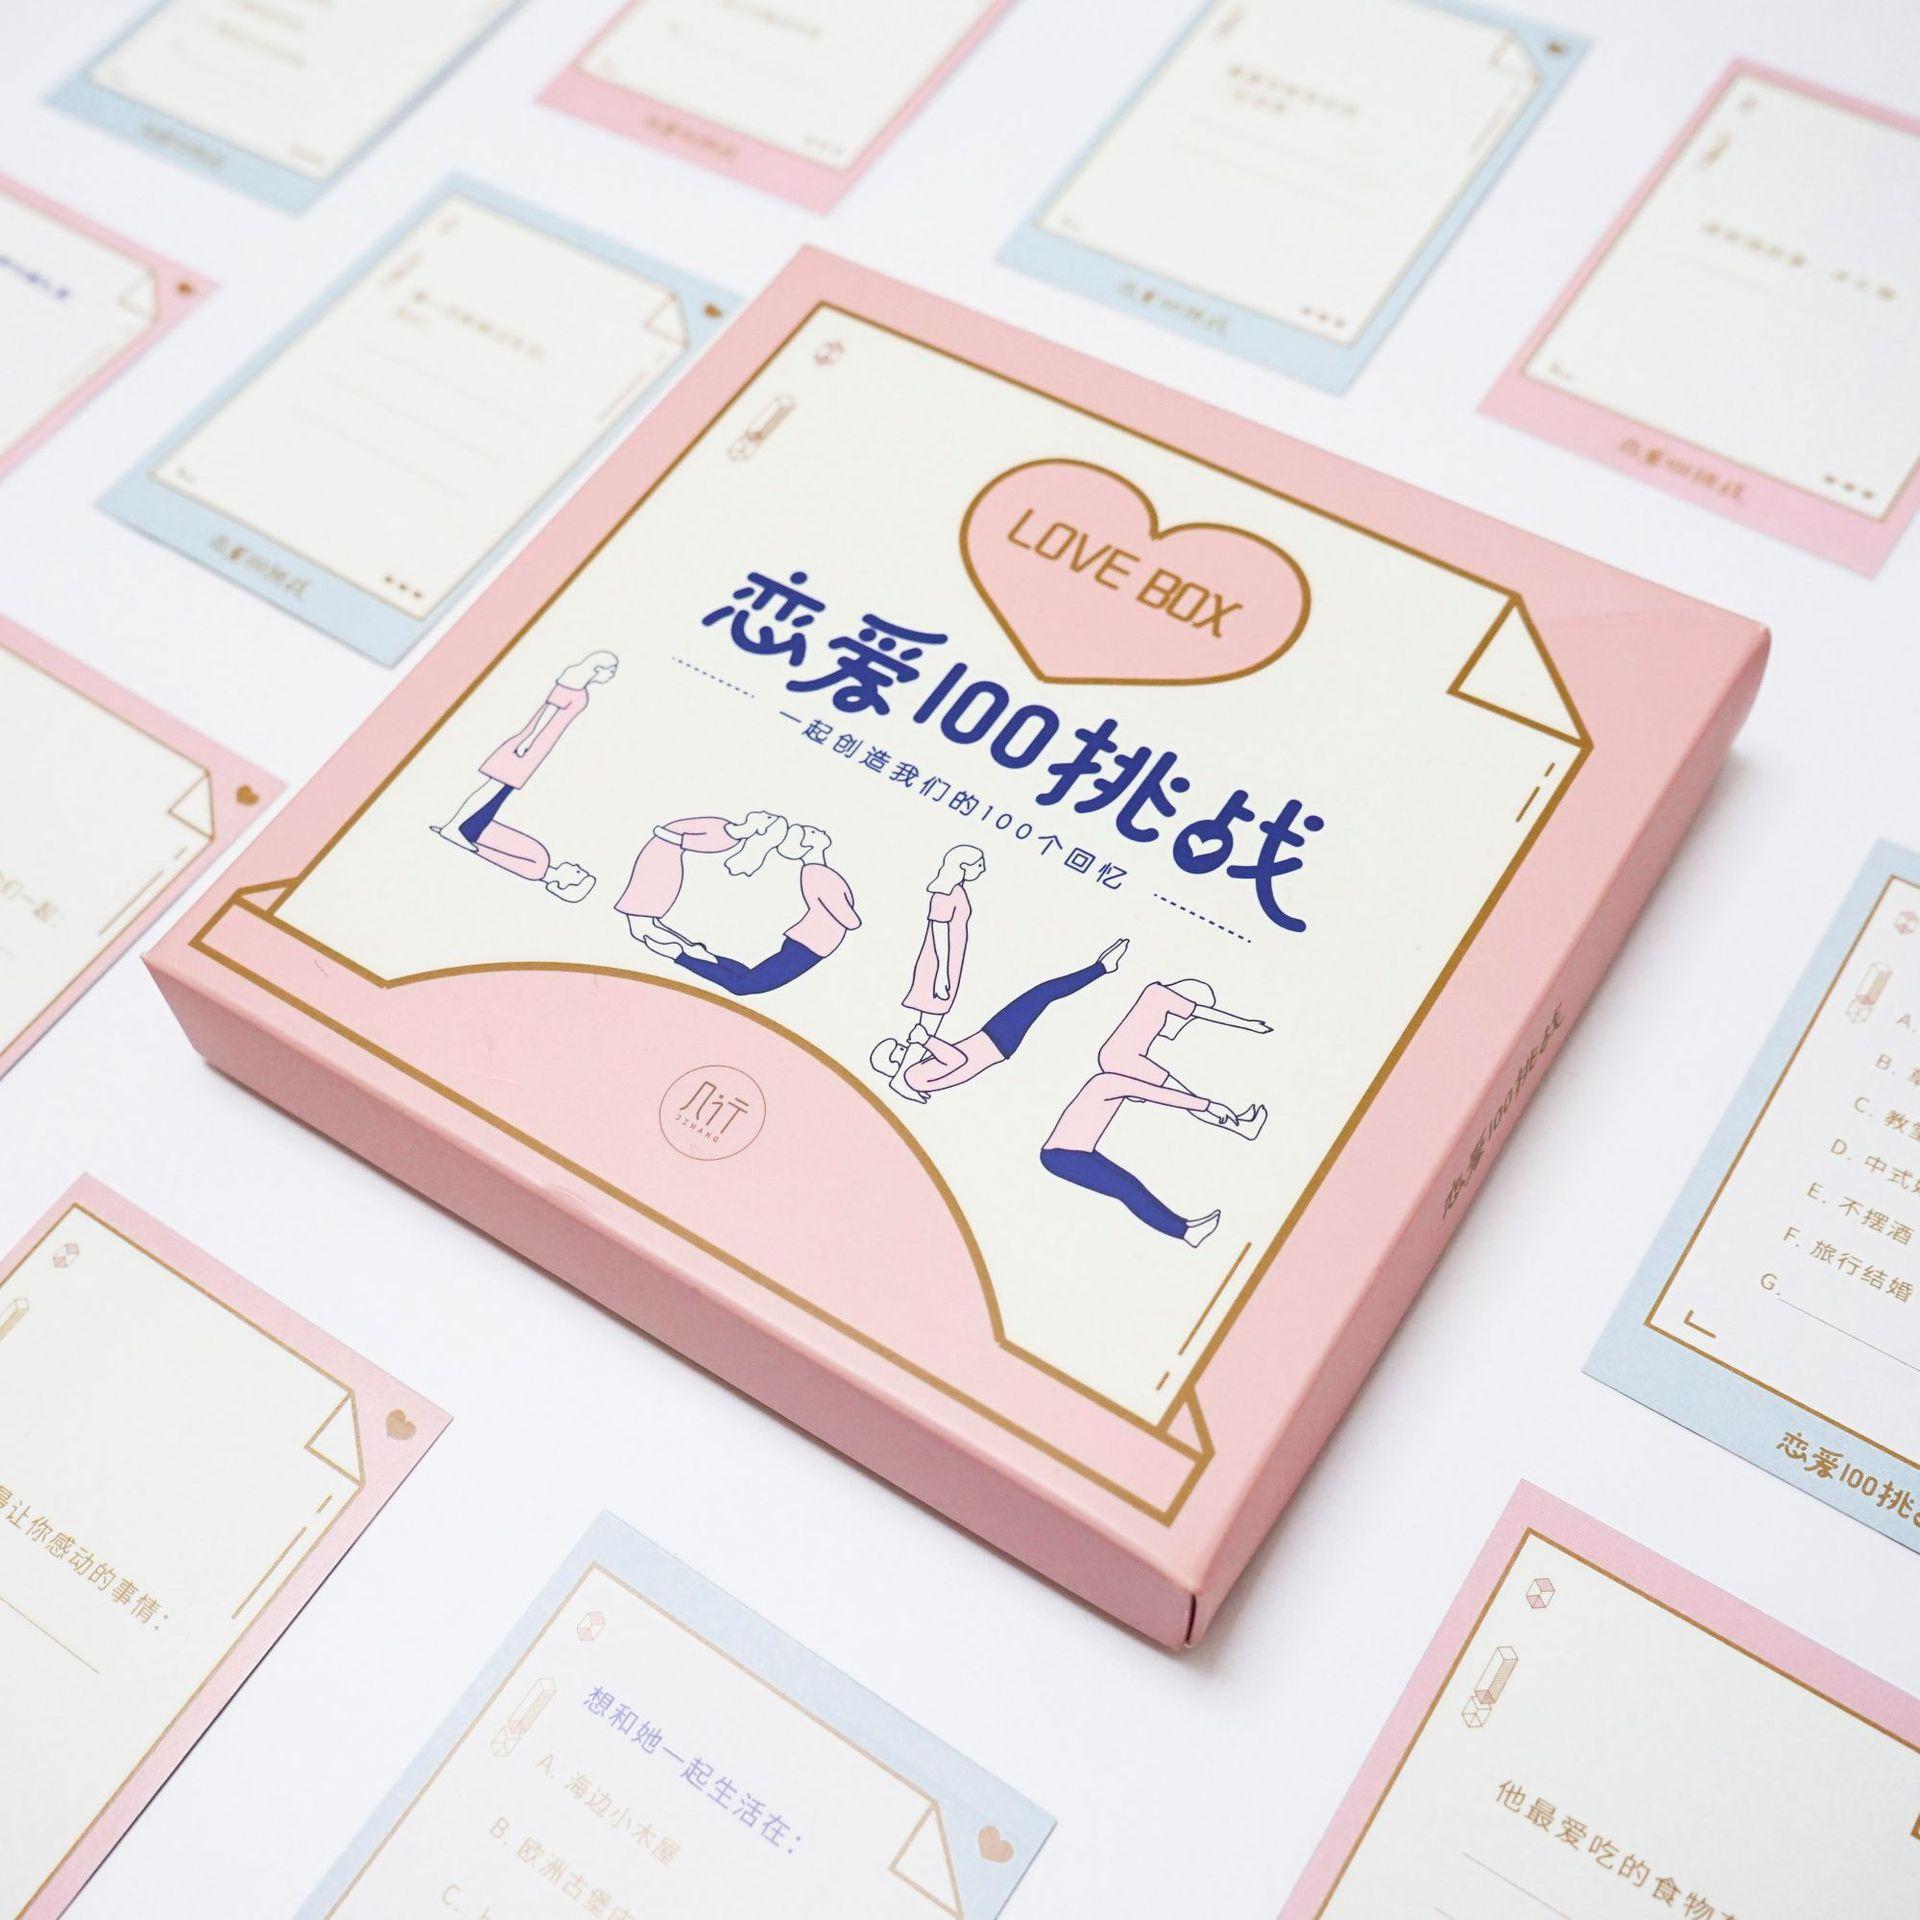 恋爱100挑战情侣礼物一对纪念必做男促进感情婚前一百件小事打卡